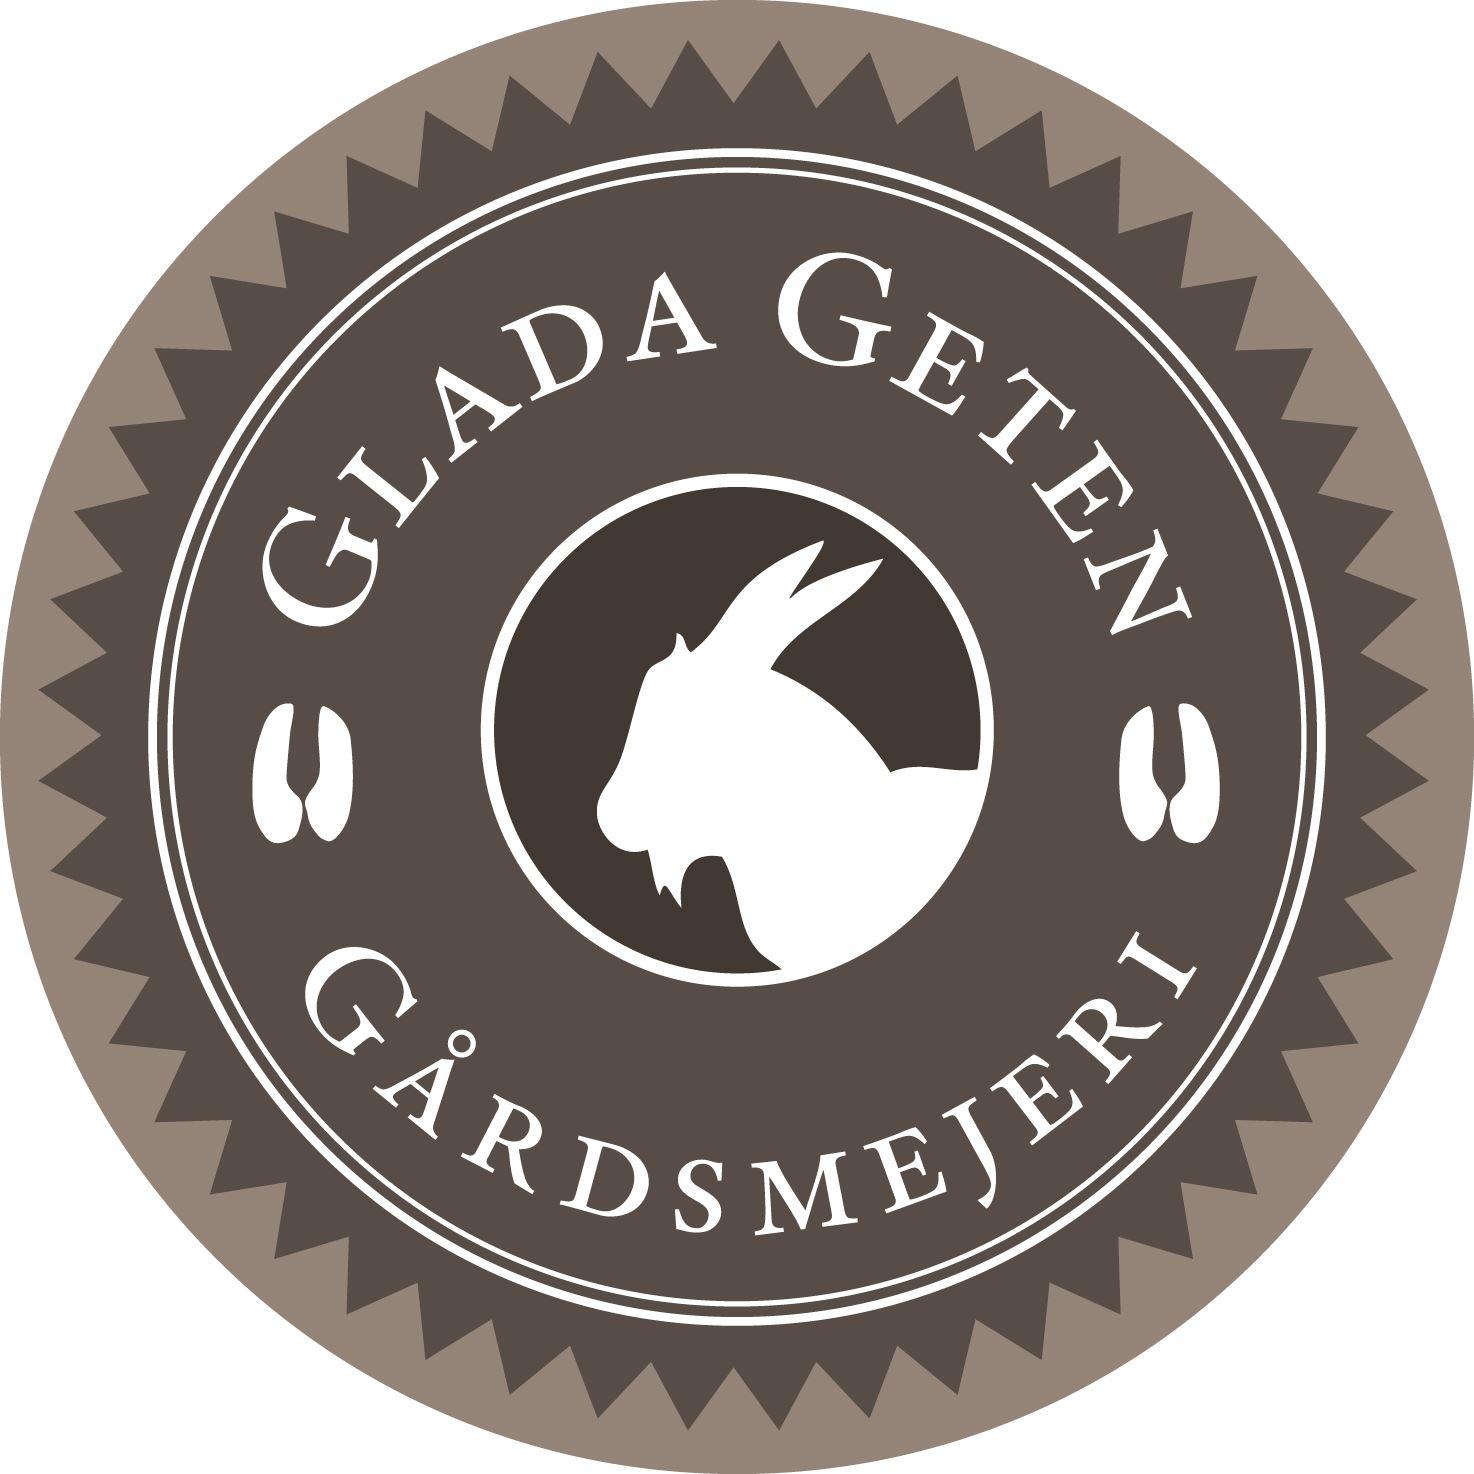 Foto Glada Geten Gårdsmejeri, Glada Geten Gårdsmejeri